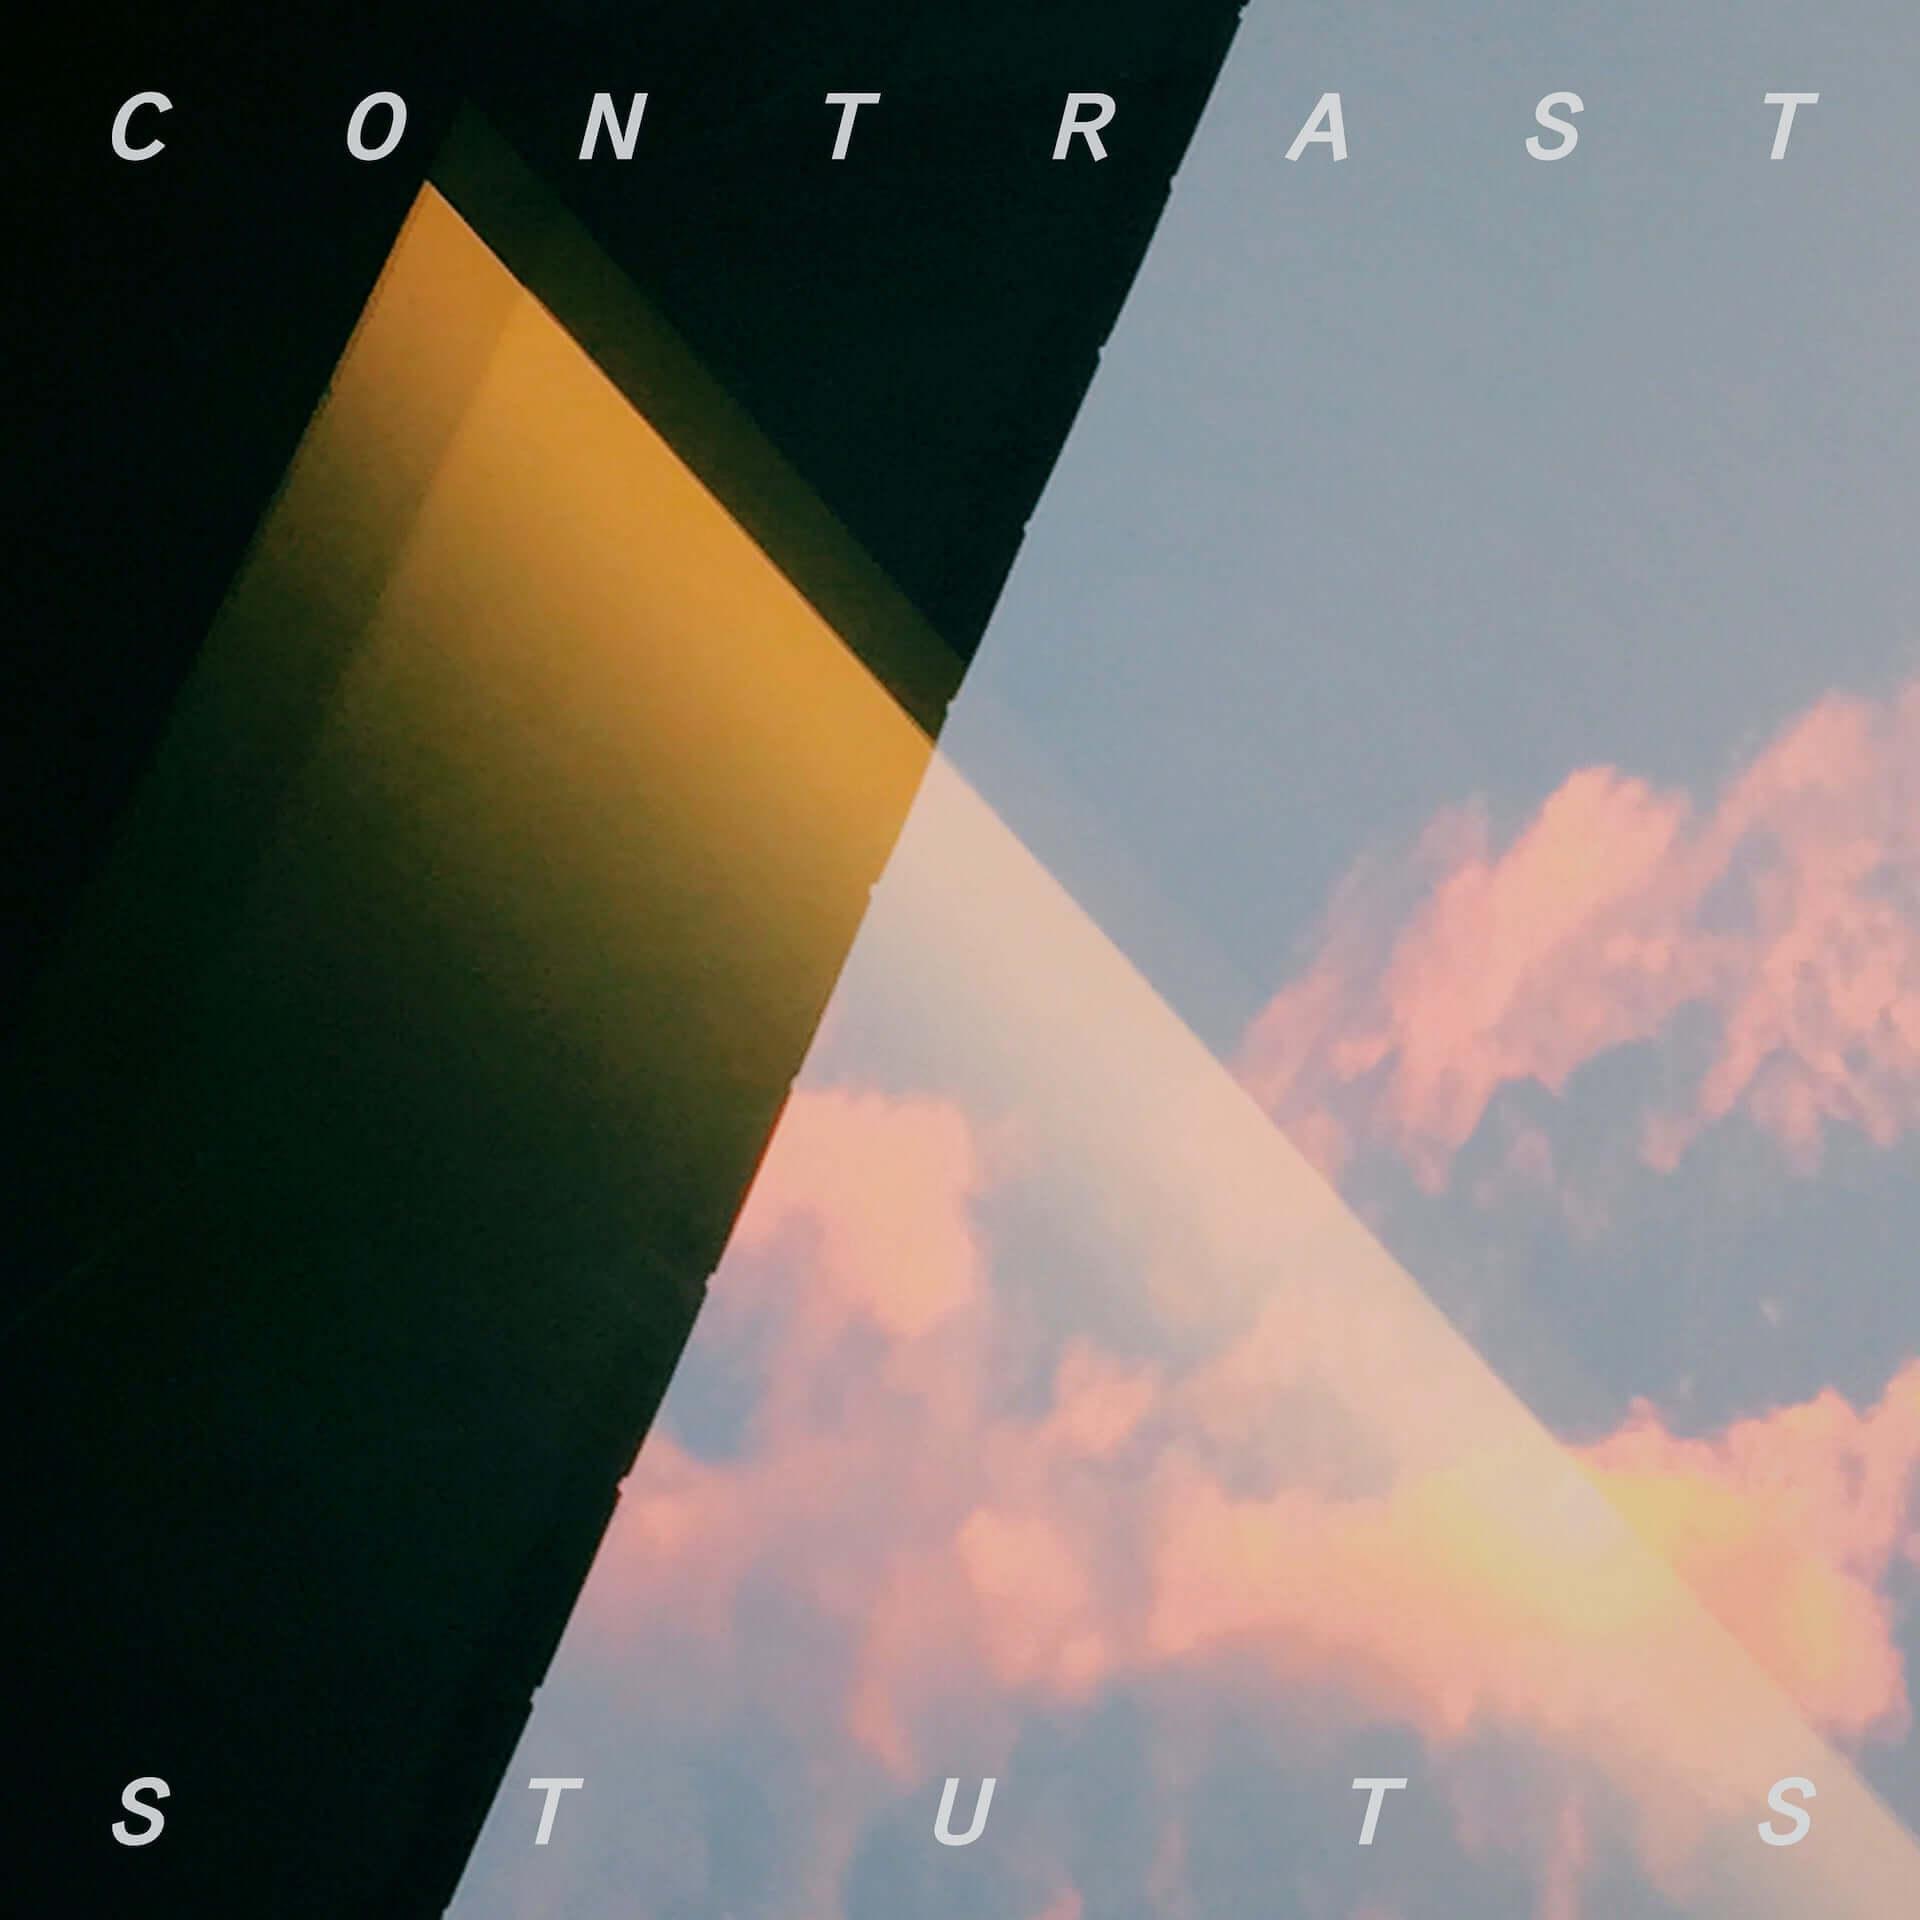 """STUTSのミニアルバム『Contrast』がLPで発売決定!SUMIN、Daichi Yamamoto、鎮座DOPENESSを迎えた人気曲""""Mirrors""""も収録 music210222_stuts_1-1920x1920"""